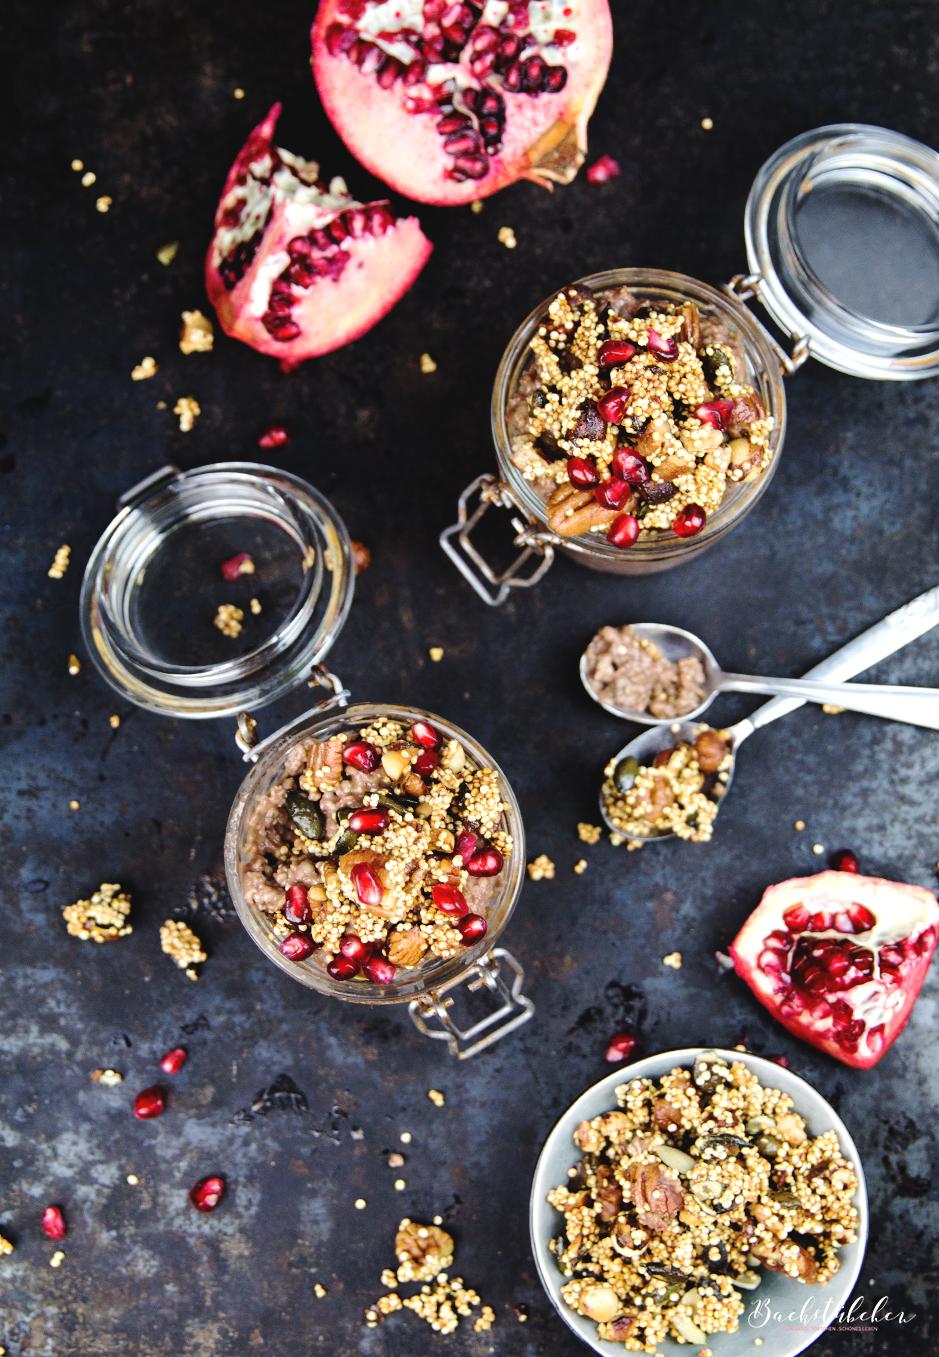 schoko-porridge-mit-quinoa-crunch4.jpg